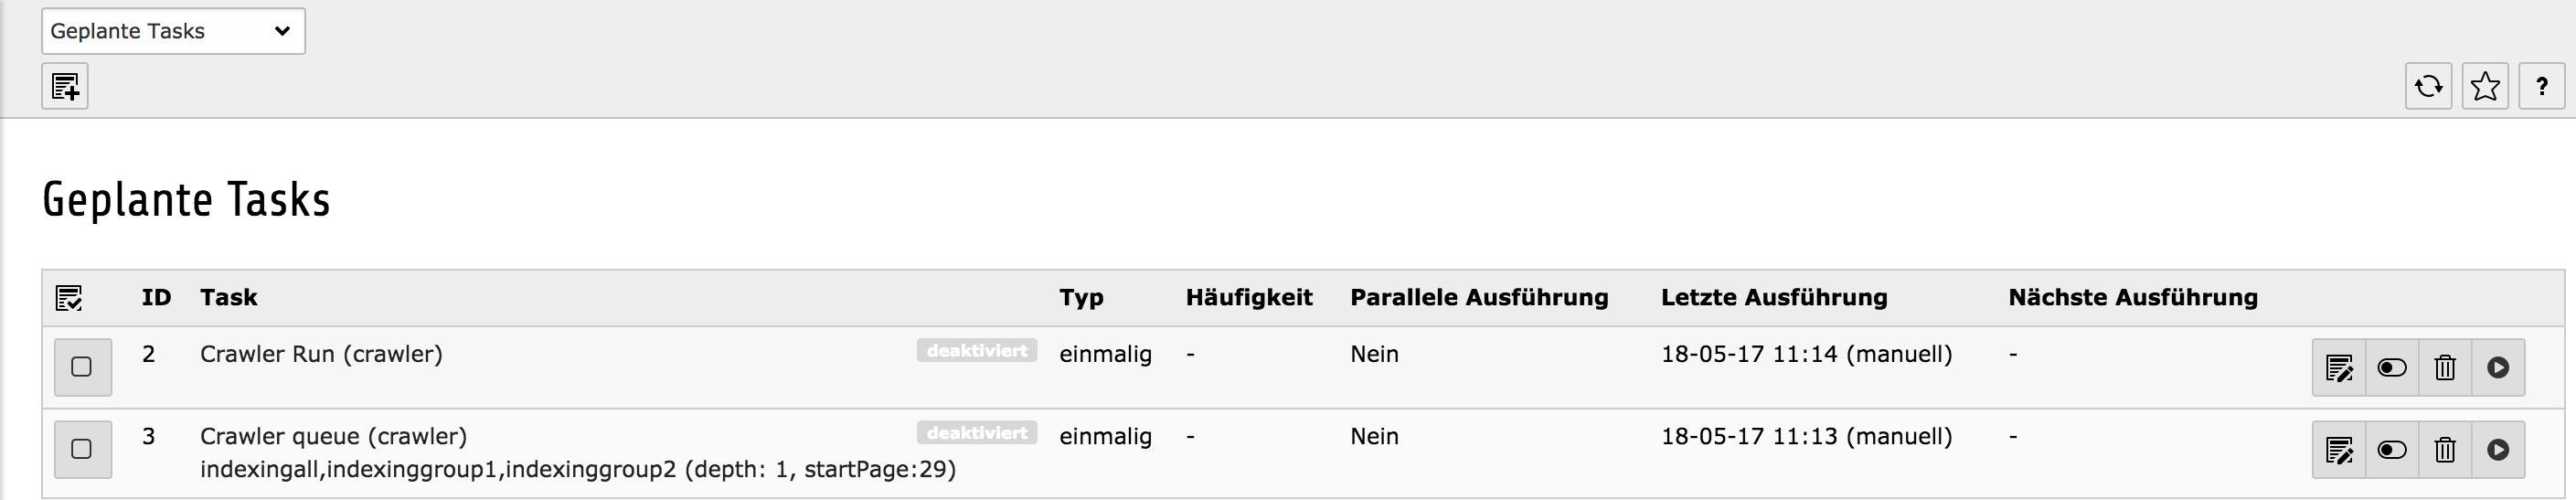 Indexed Search und Crawler - Indizierung von PDFs und Verwendung von FE-Usergruppen Abbildung 7